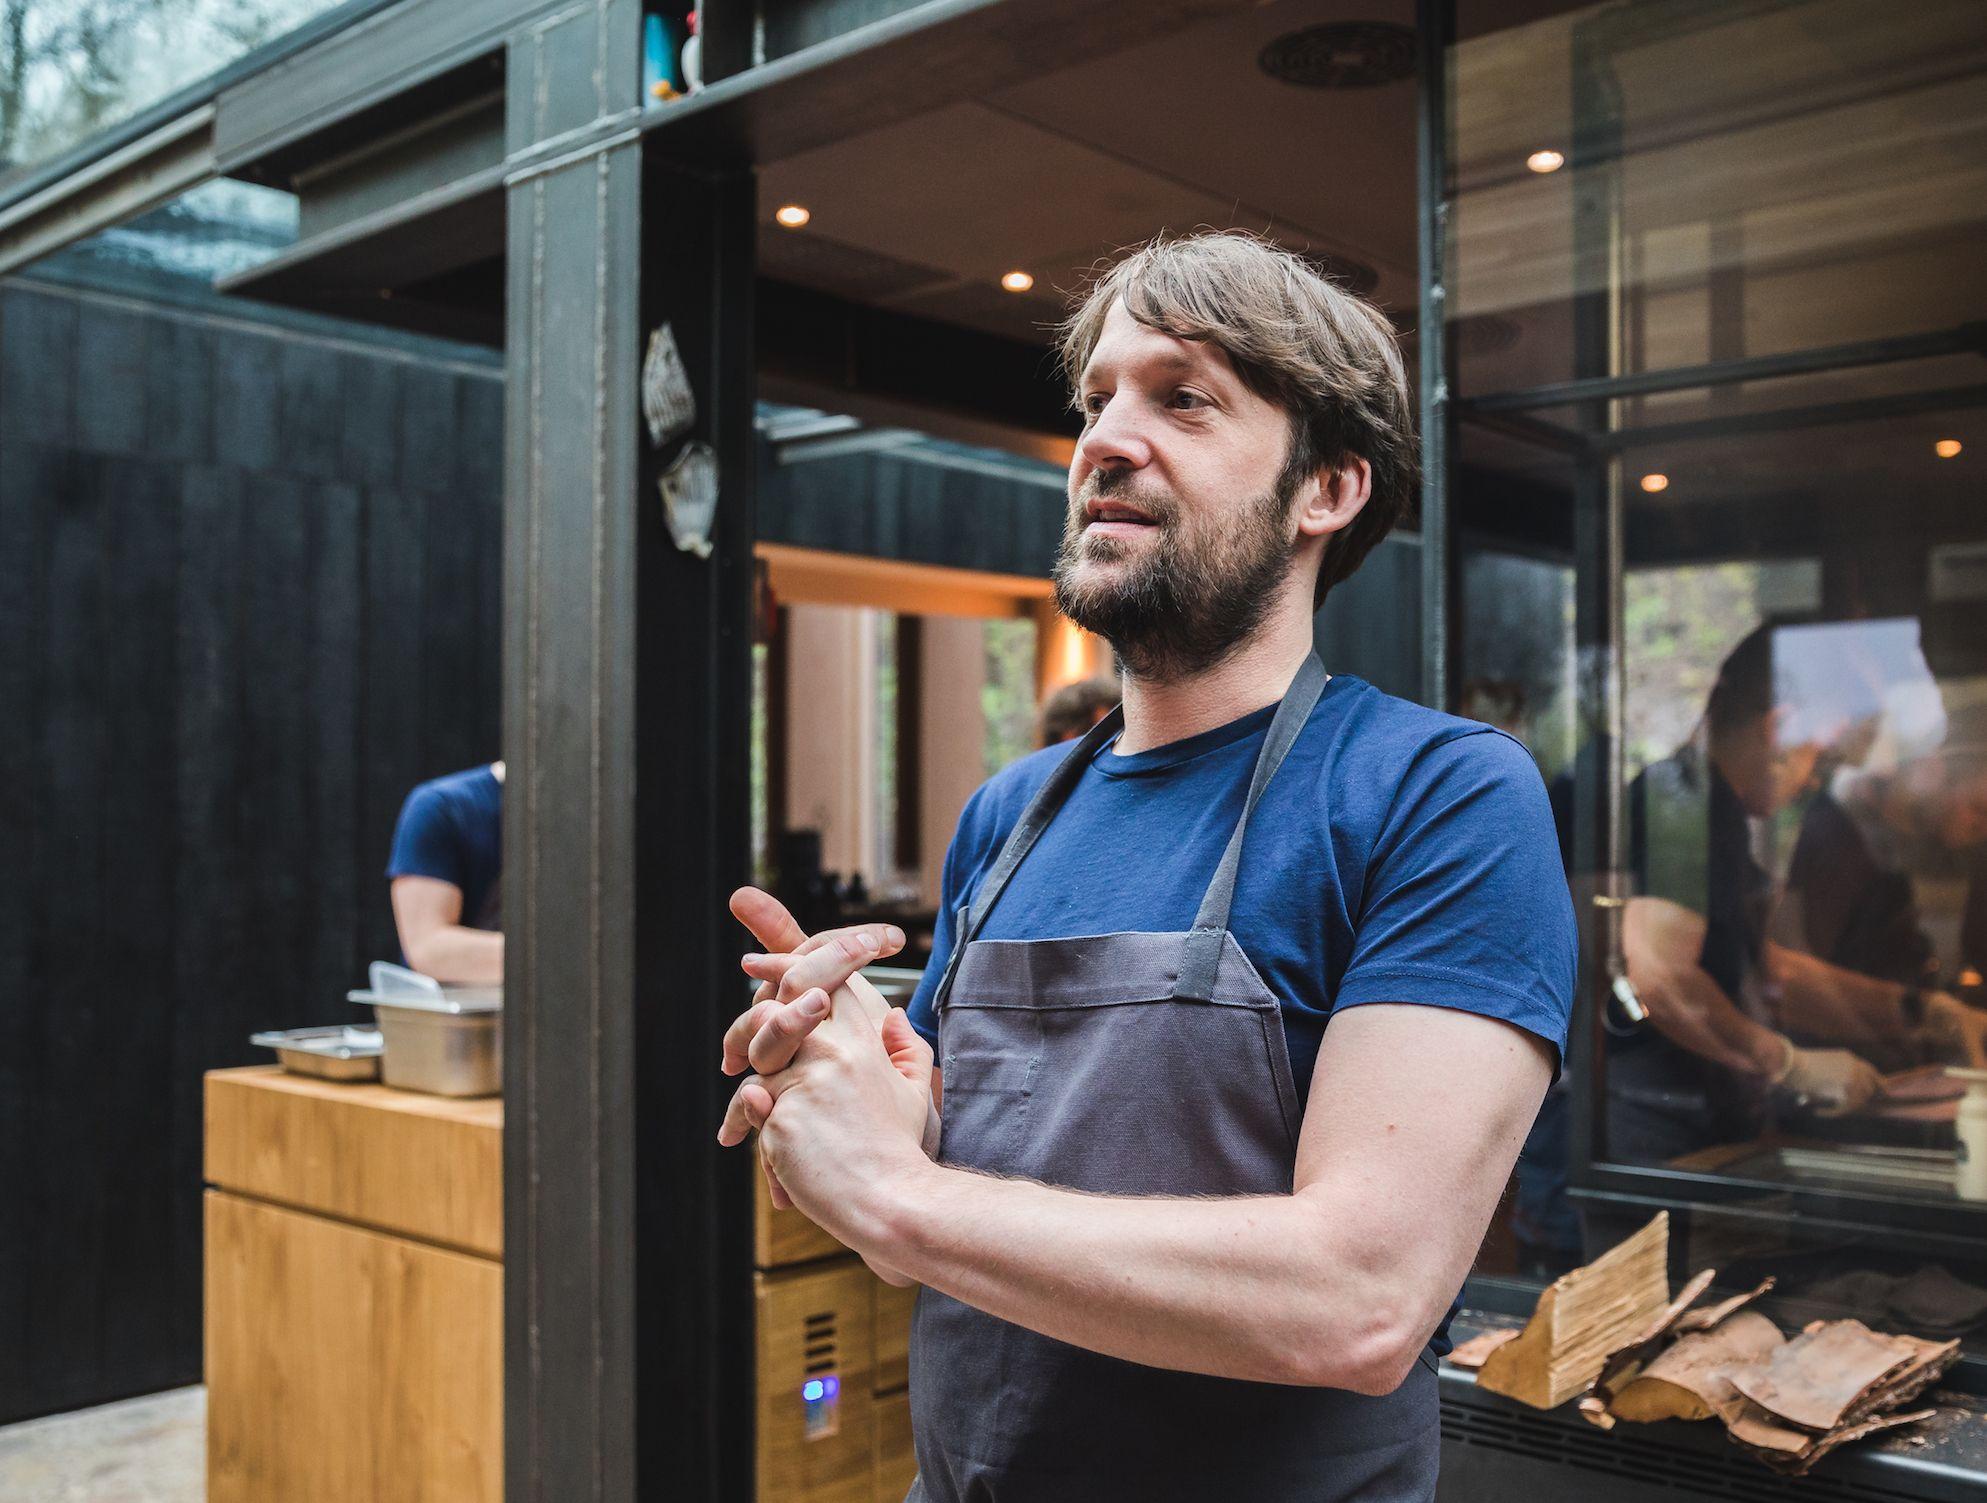 世界最難訂的米其林餐廳 Noma 將開設平價漢堡店 POPL